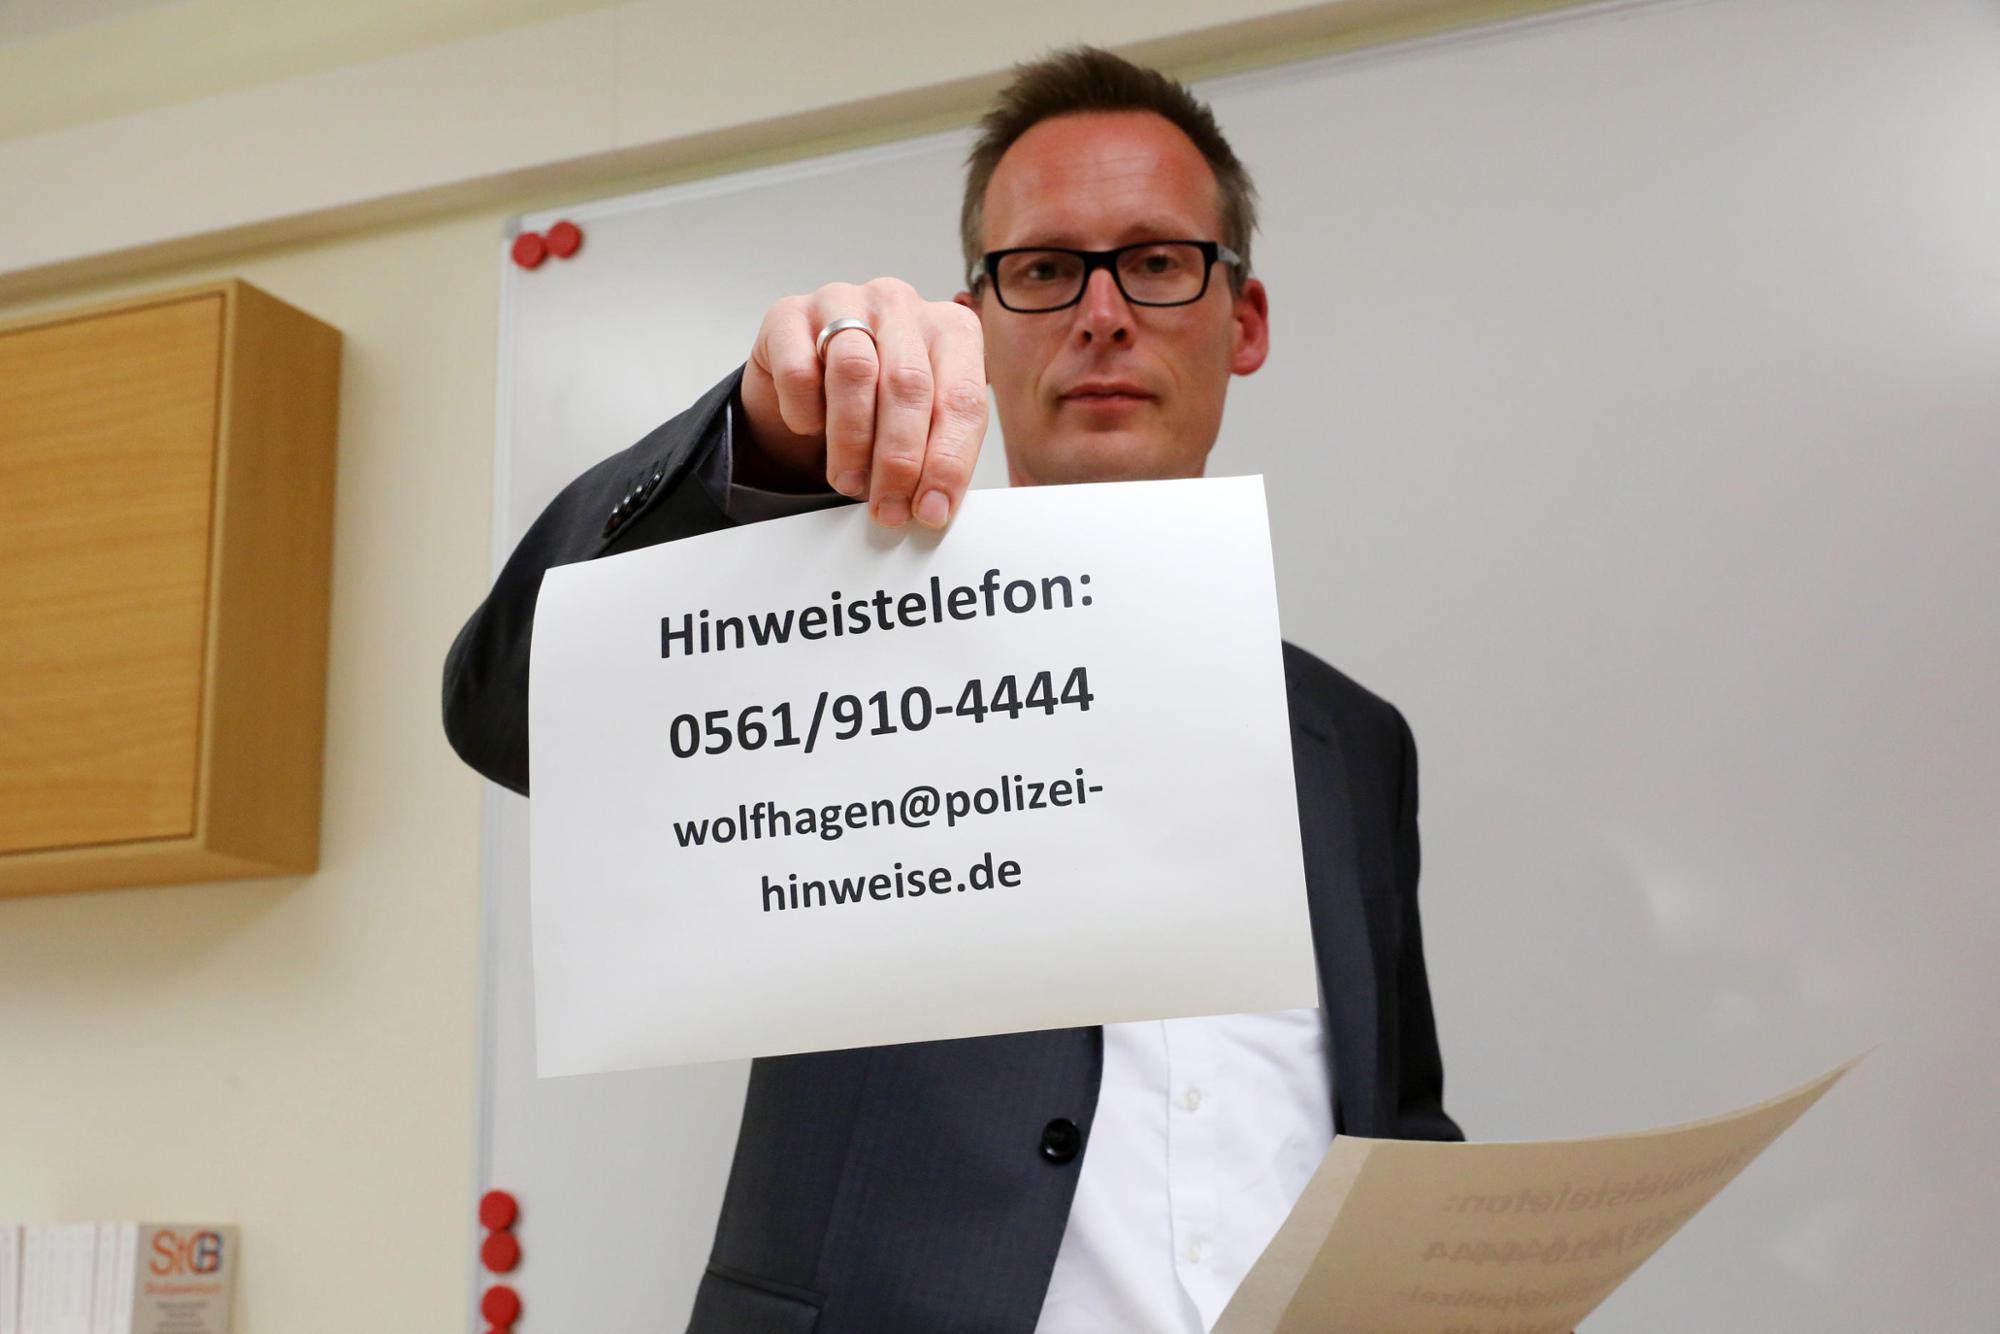 Pressekonferenz:Kassels Regierungspräsident Dr. Walter Lübcke starb durch einen Kopfschuss aus nächster Nähe. Das teilten Landeskriminalamt und Staatsanwaltschaft am Montag